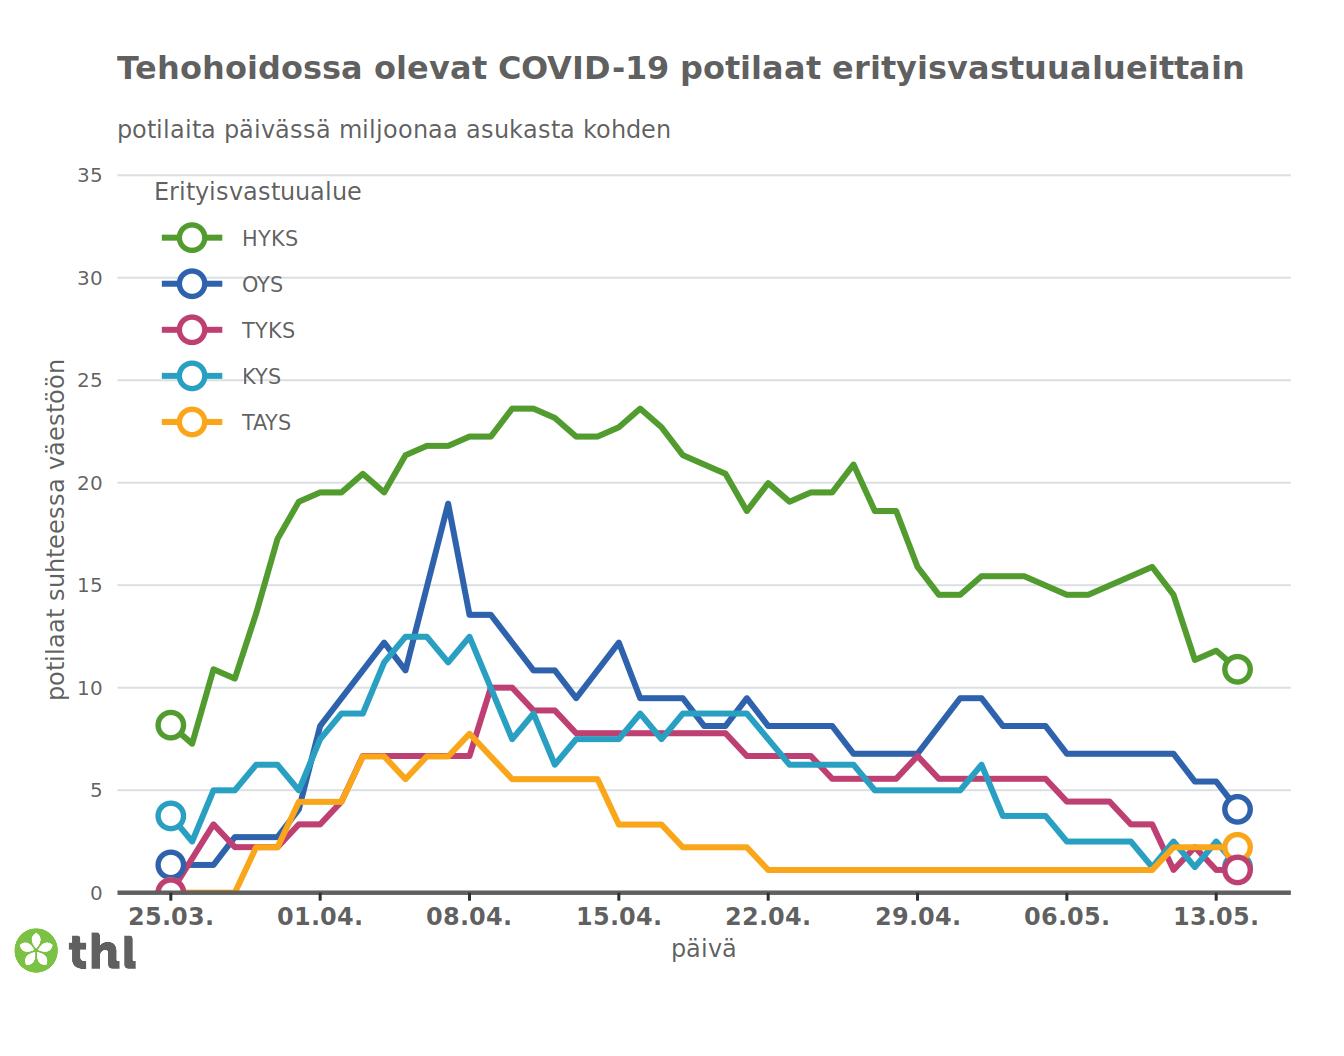 Количество пациентов в палатах интенсивной терапии в разных больницах Финляндии